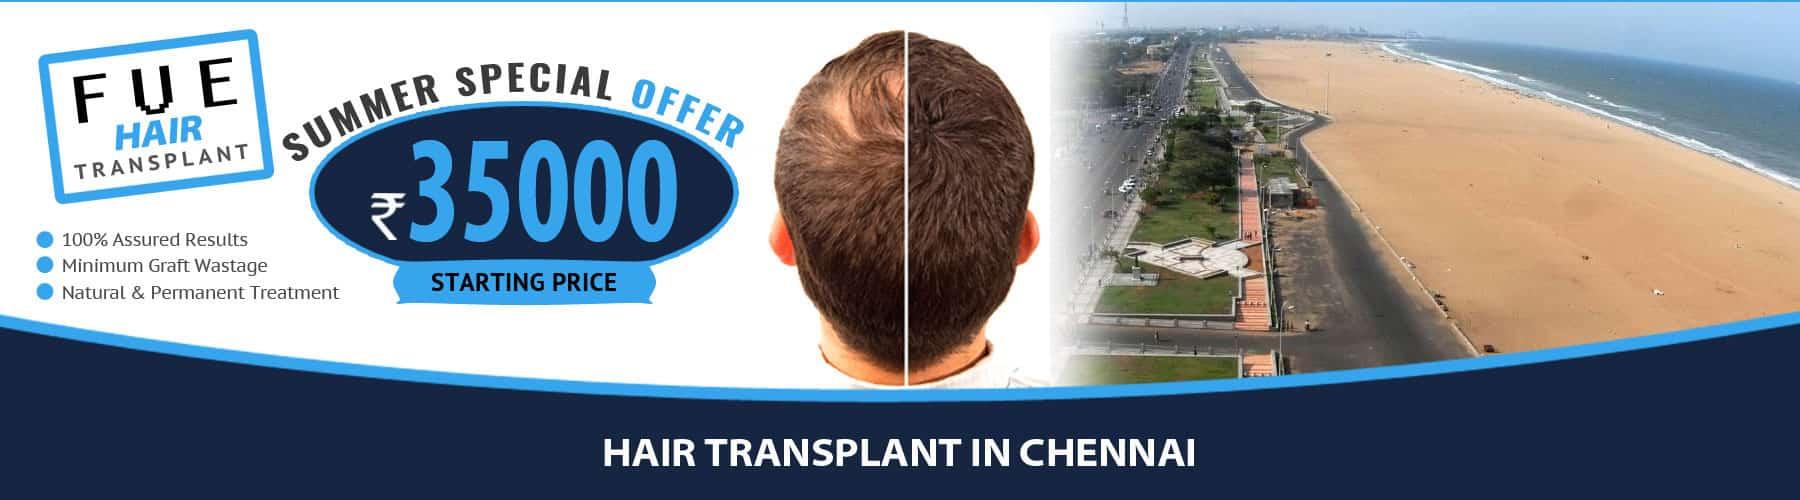 Hair Transplant Chennai